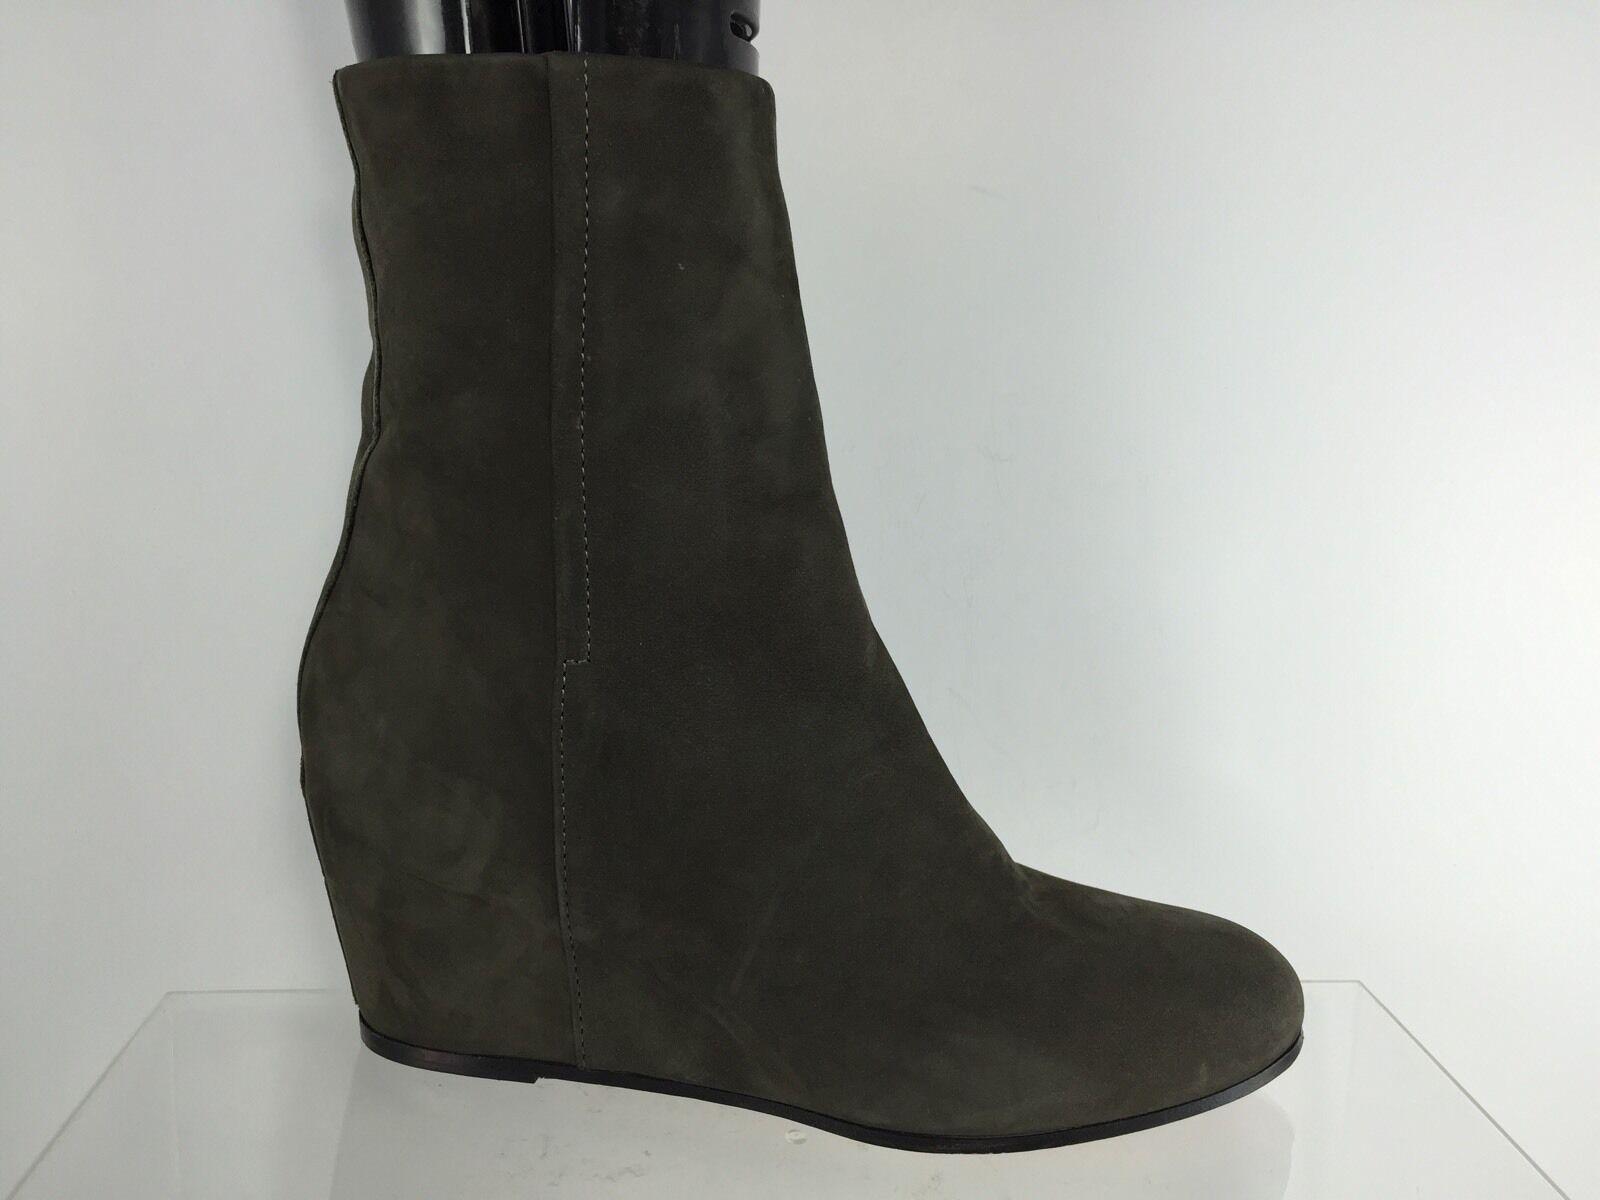 Garanzia del prezzo al 100% Vince donna Dark Marrone Leather Wedged Wedged Wedged stivali 7 M  risparmia fino al 30-50% di sconto